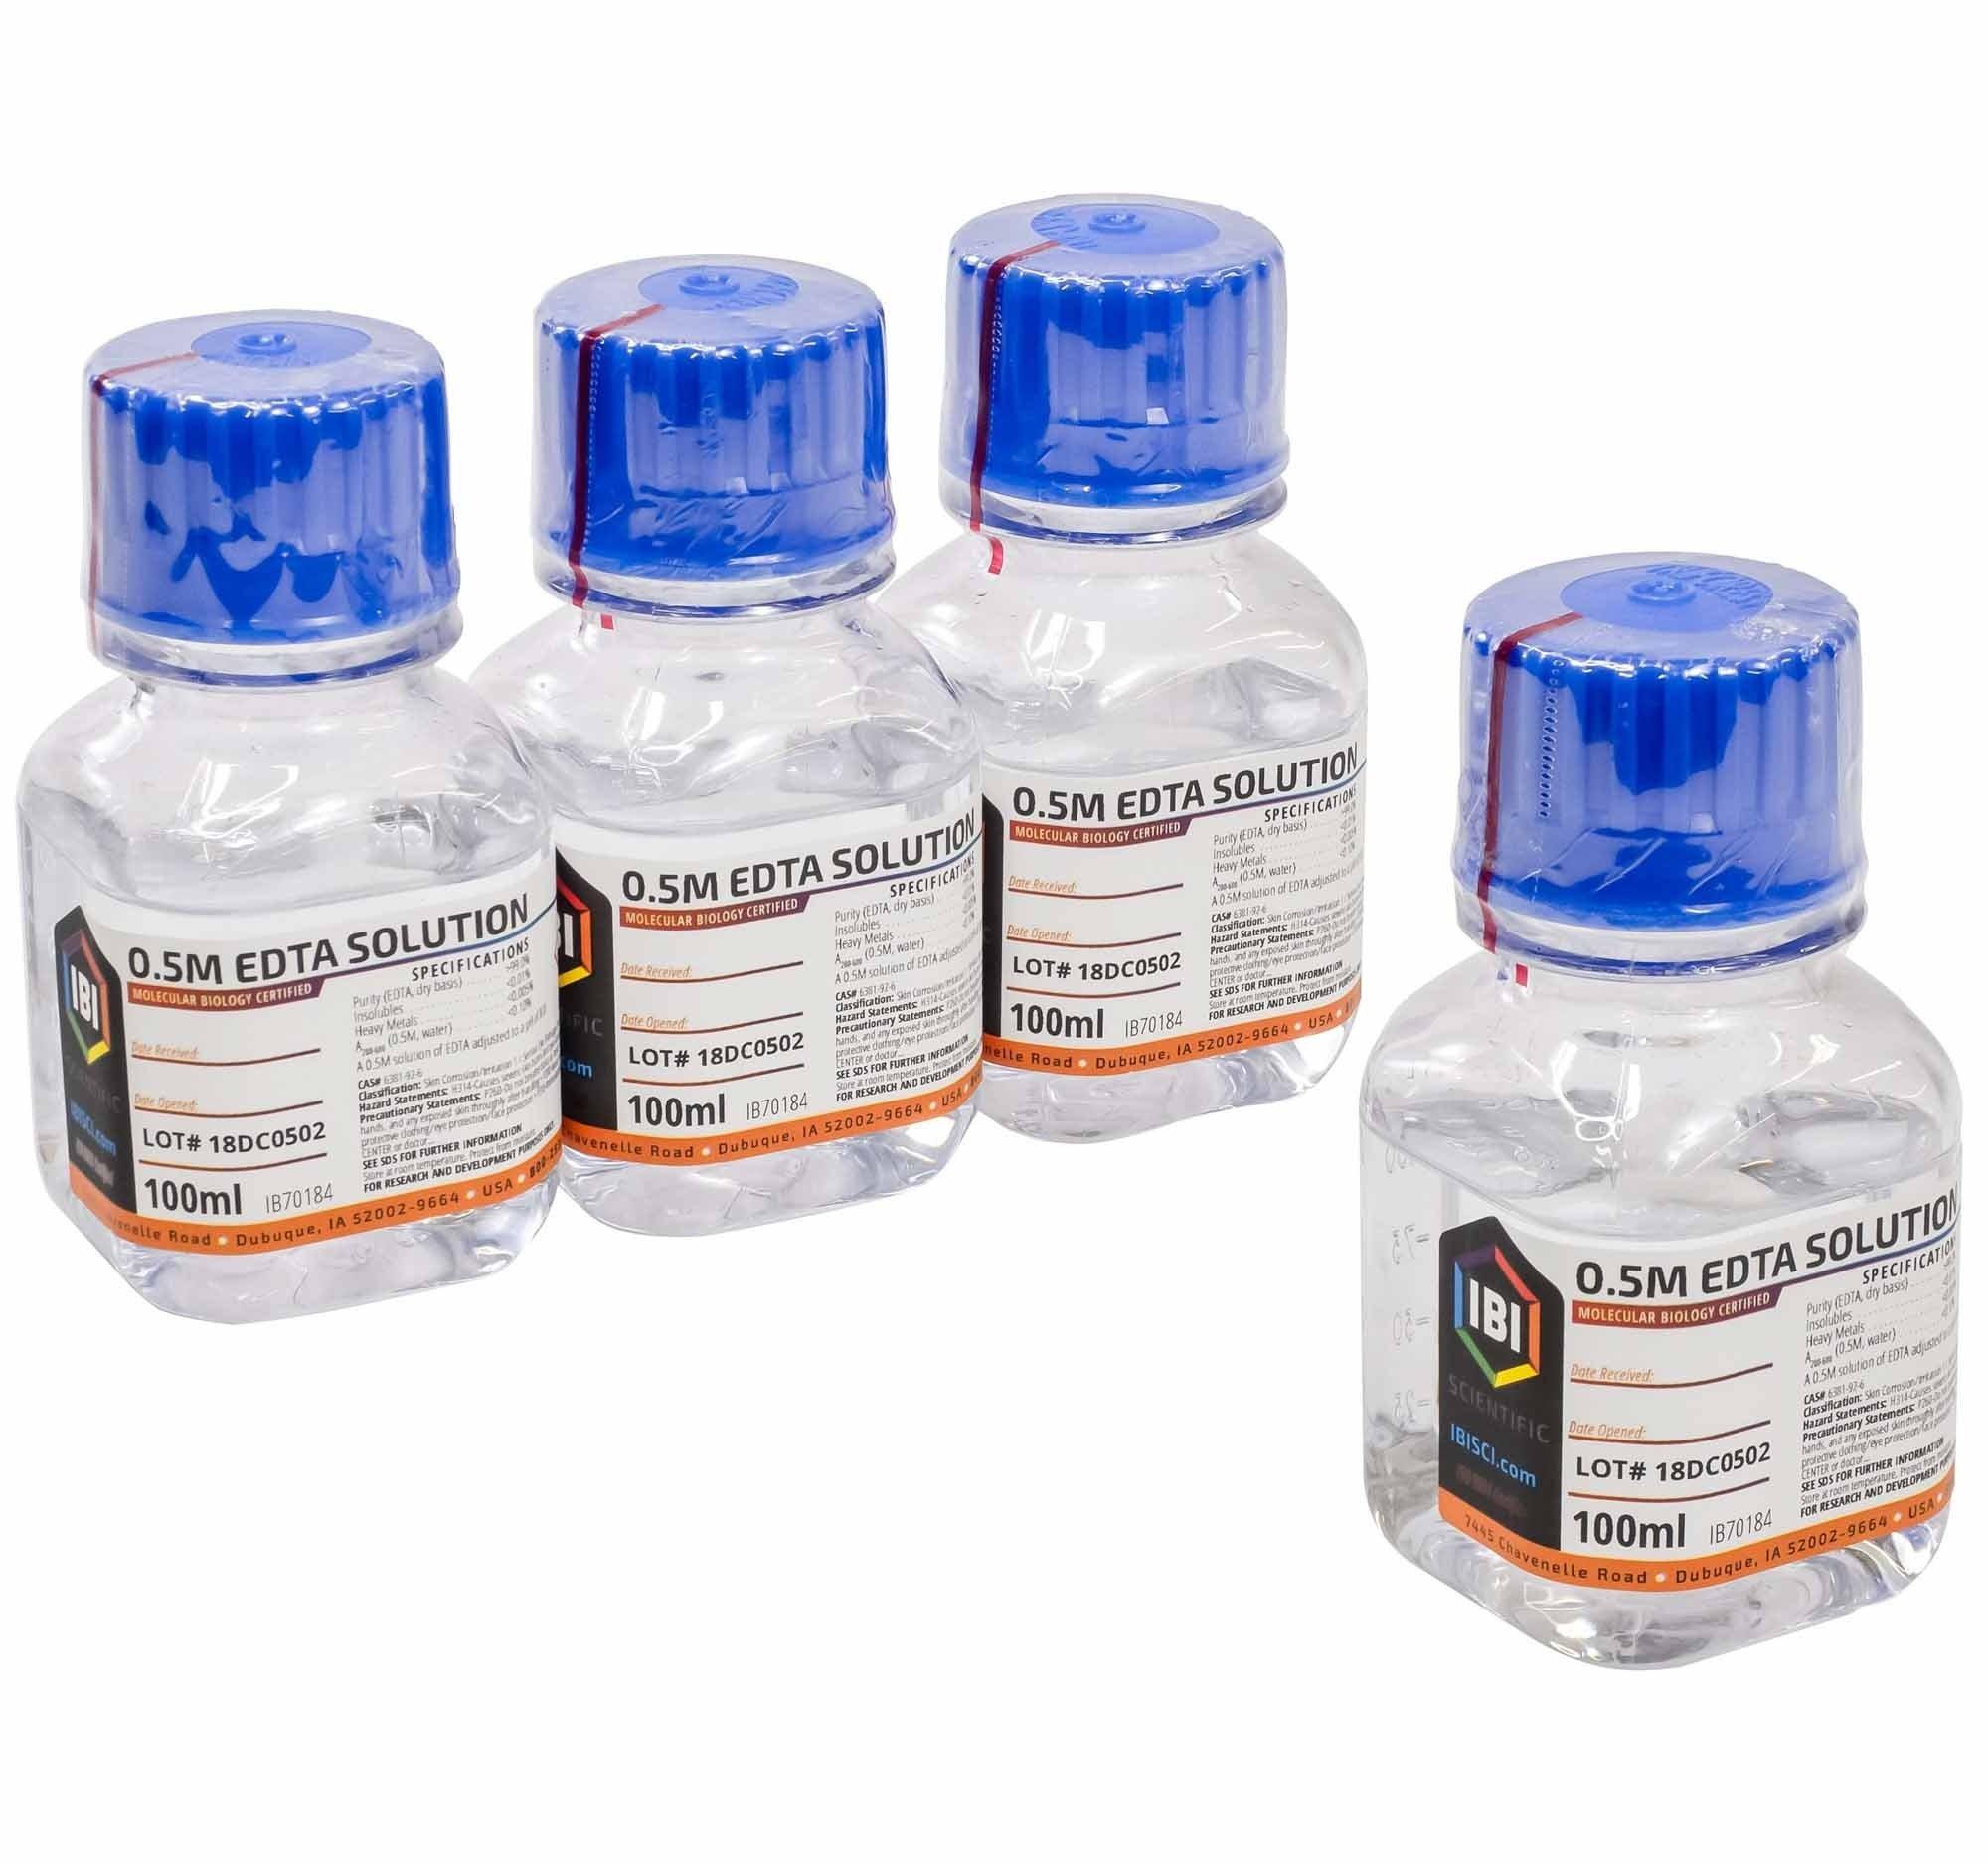 IBI EDTA 0.5M Solution pH 8.0 - 400mL (4 x 100mL)